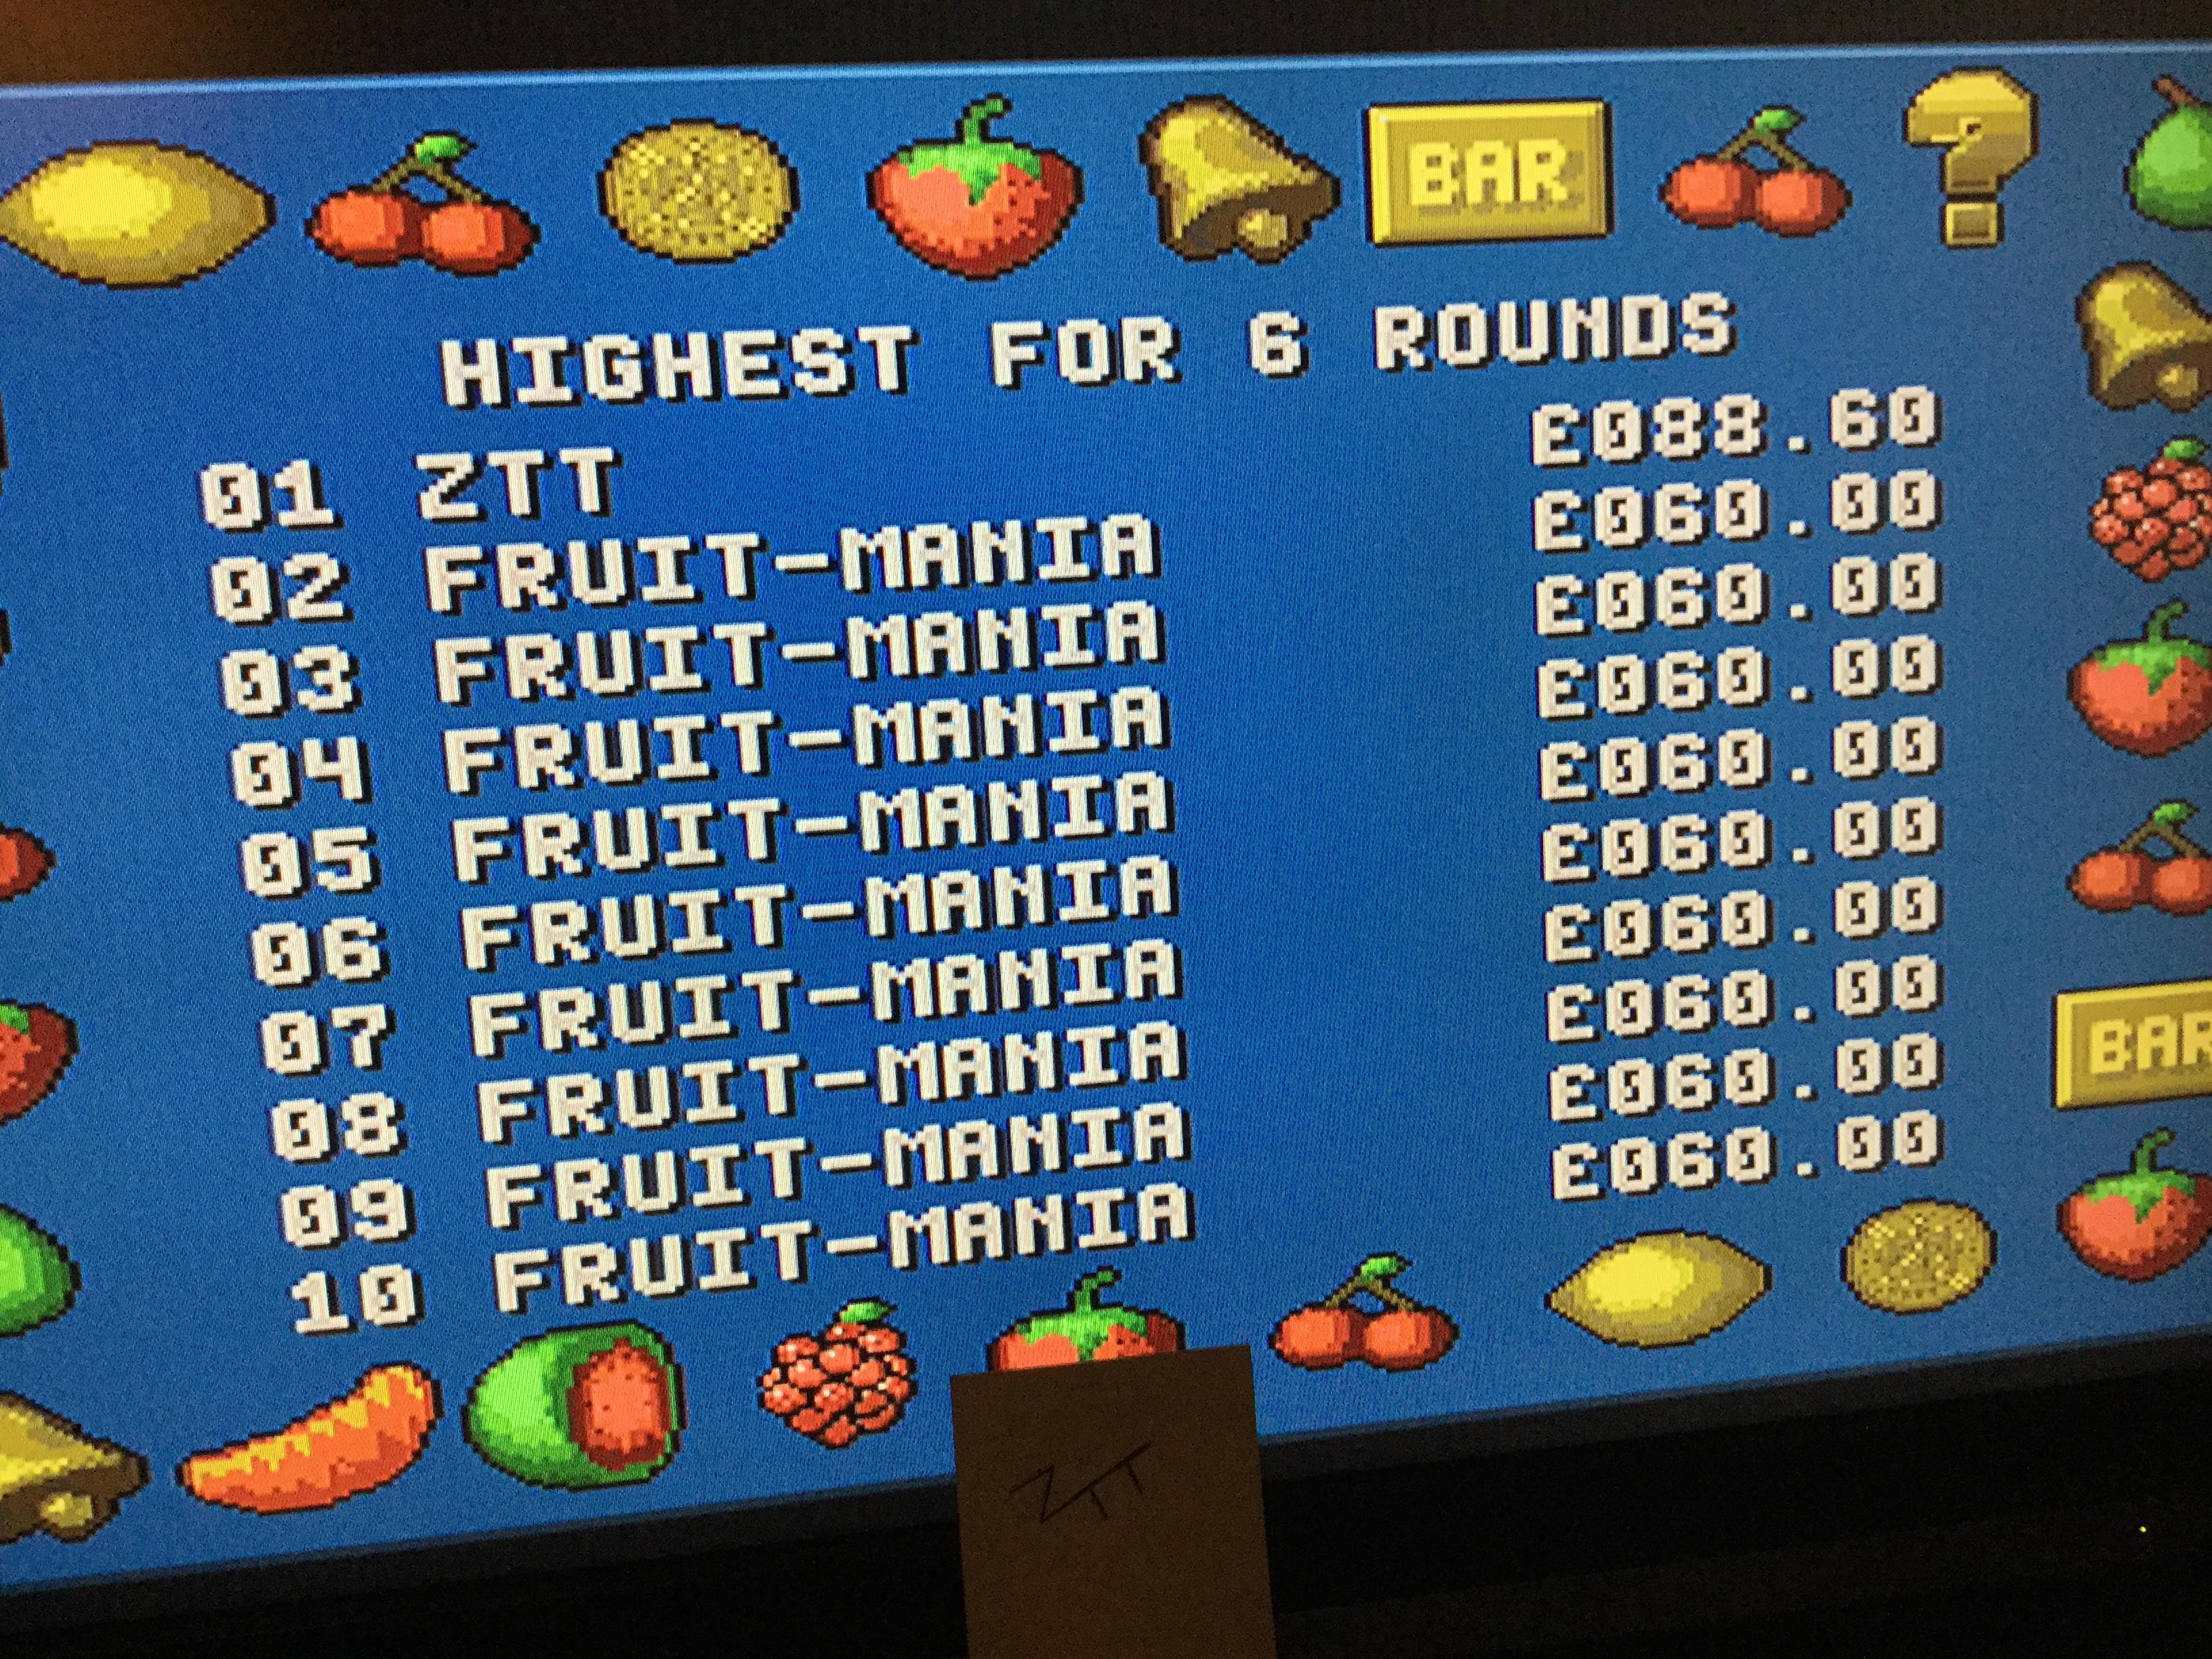 Frankie: Fruit-Mania [6 Rounds] [Money * 100] (Amiga) 8,860 points on 2017-10-20 13:22:11